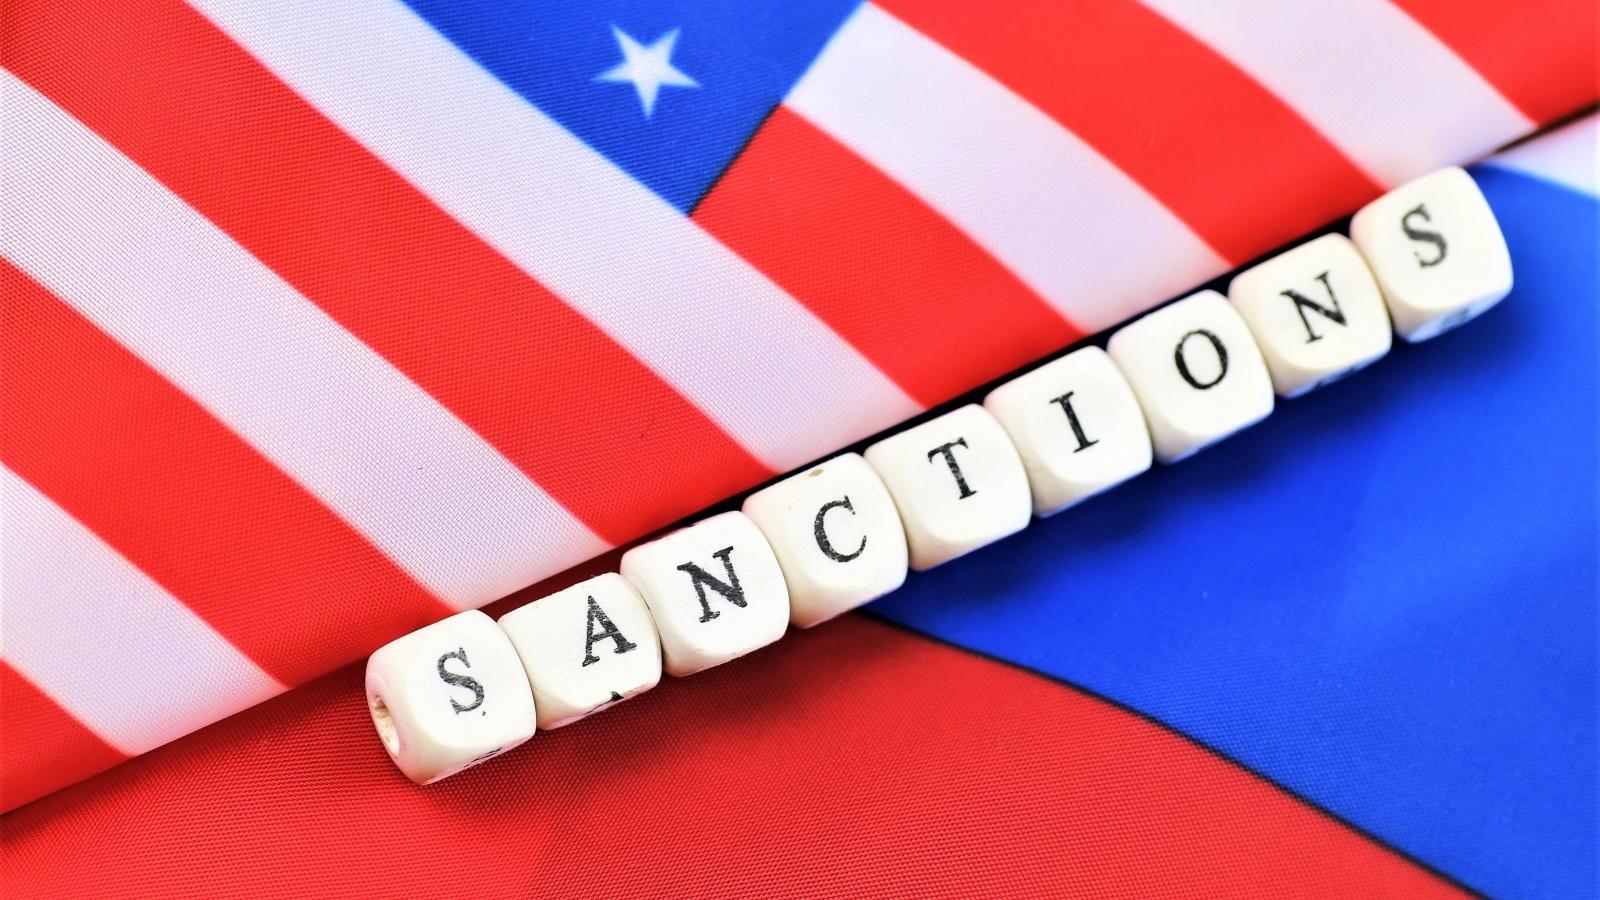 Cuộc chiến trừng phạt Mỹ - Nga: Tượng trưng, thực chất hay chiến lược?